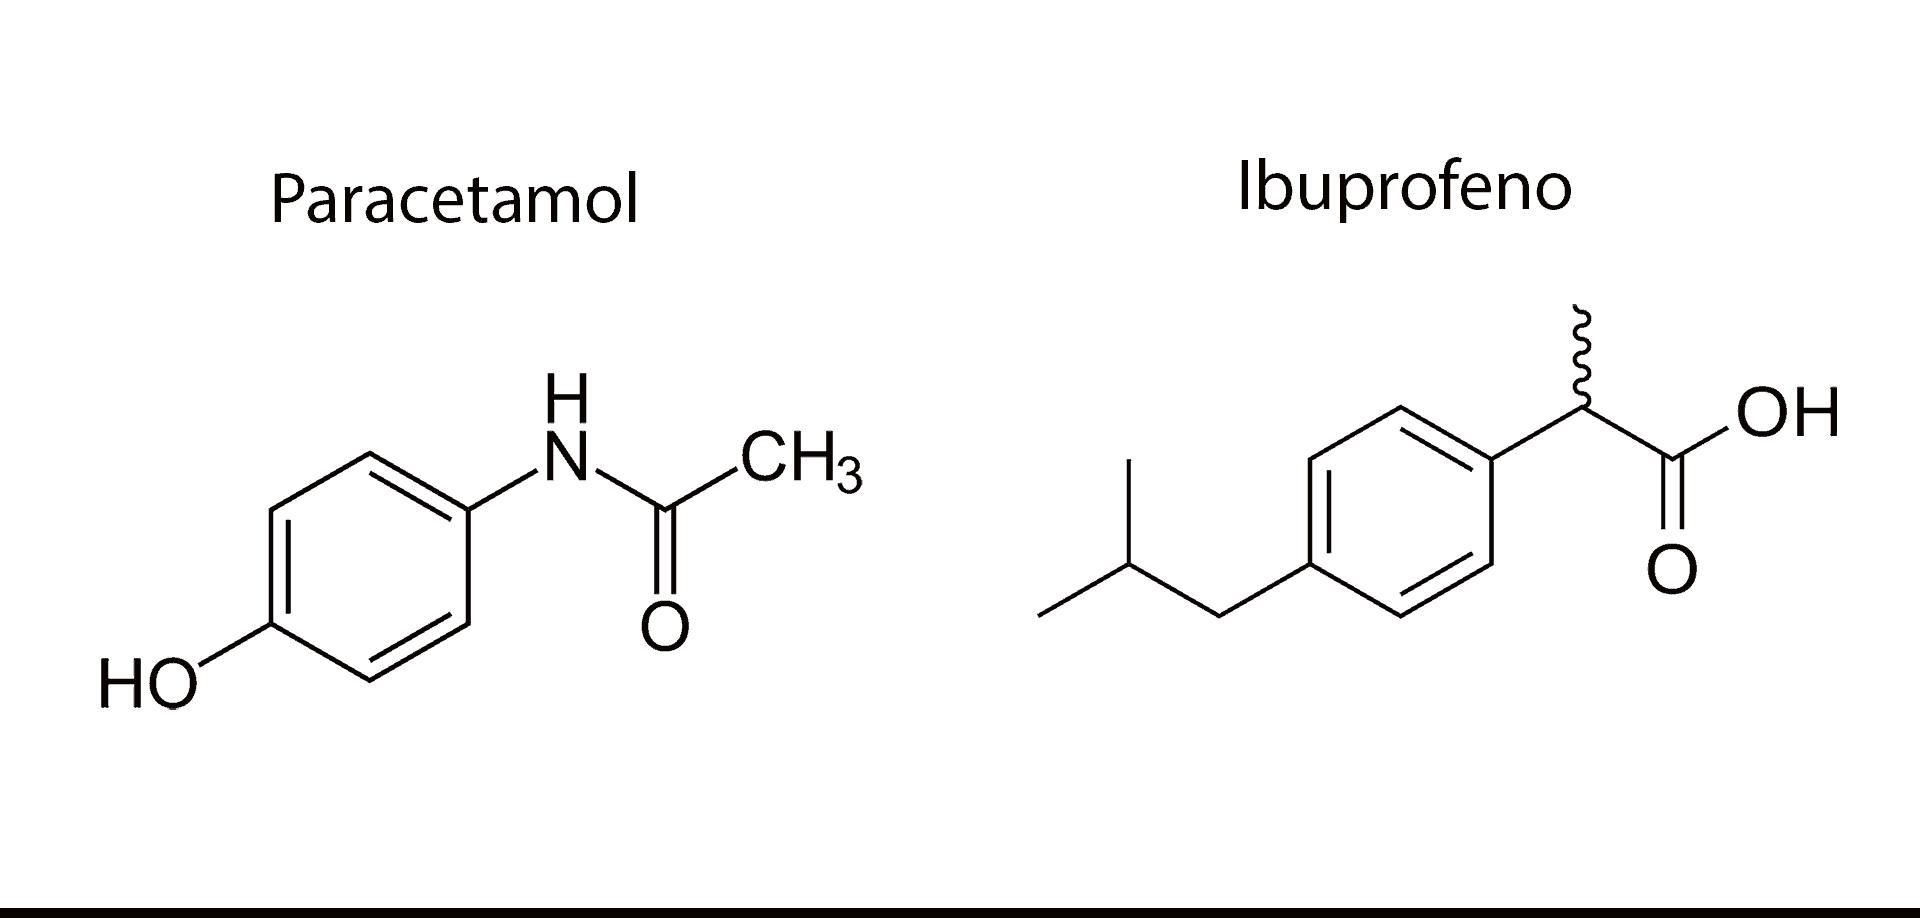 Se puede mezclar ibuprofeno y paracetamol en bebes